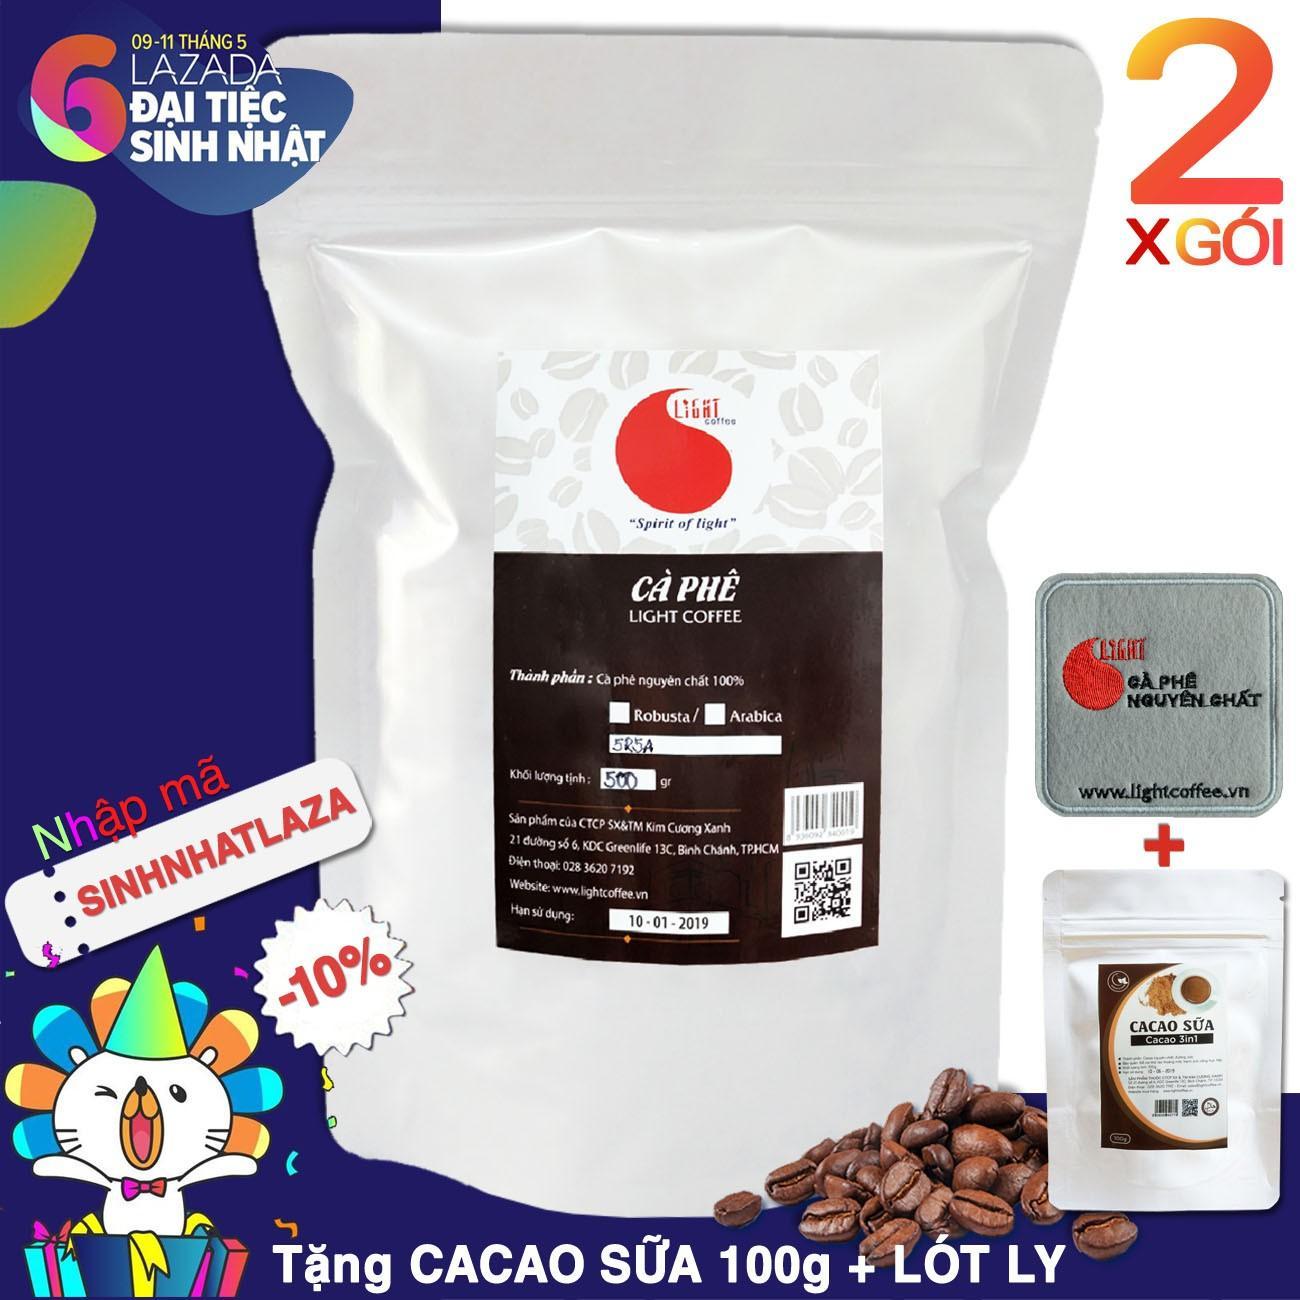 Chiết Khấu Sản Phẩm Cafe Hạt Rang Nguyen Chất 100 Phối Chuẩn Light Coffee 1Kg 2 Goi